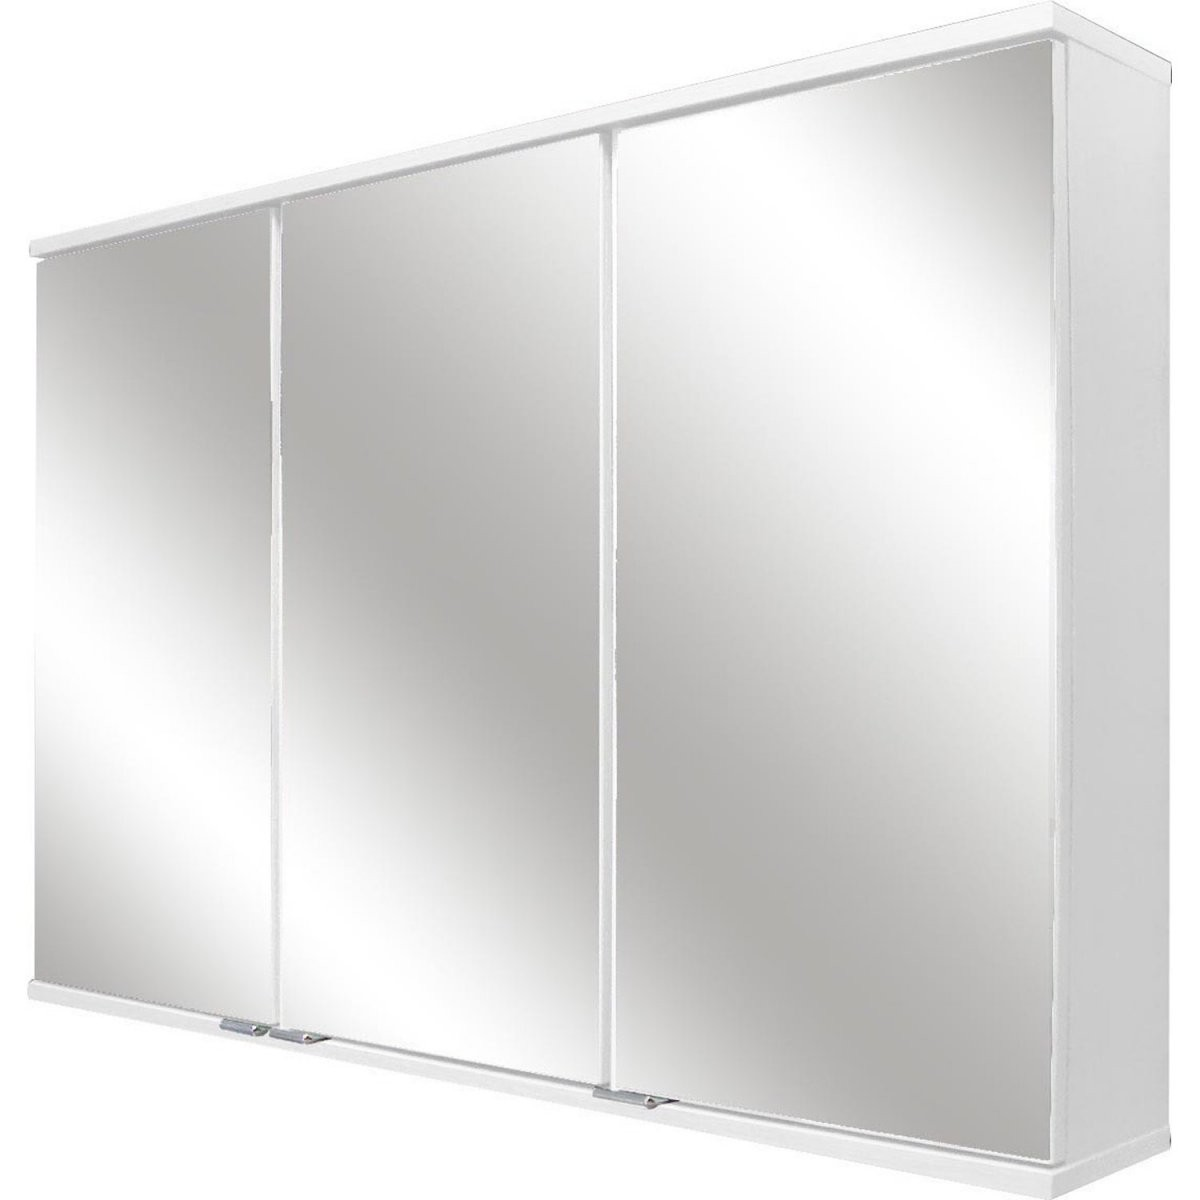 Spiegelschränke Online Kaufen Bei Obi  Obi von Spiegelschränke Mit Led Beleuchtung Bild